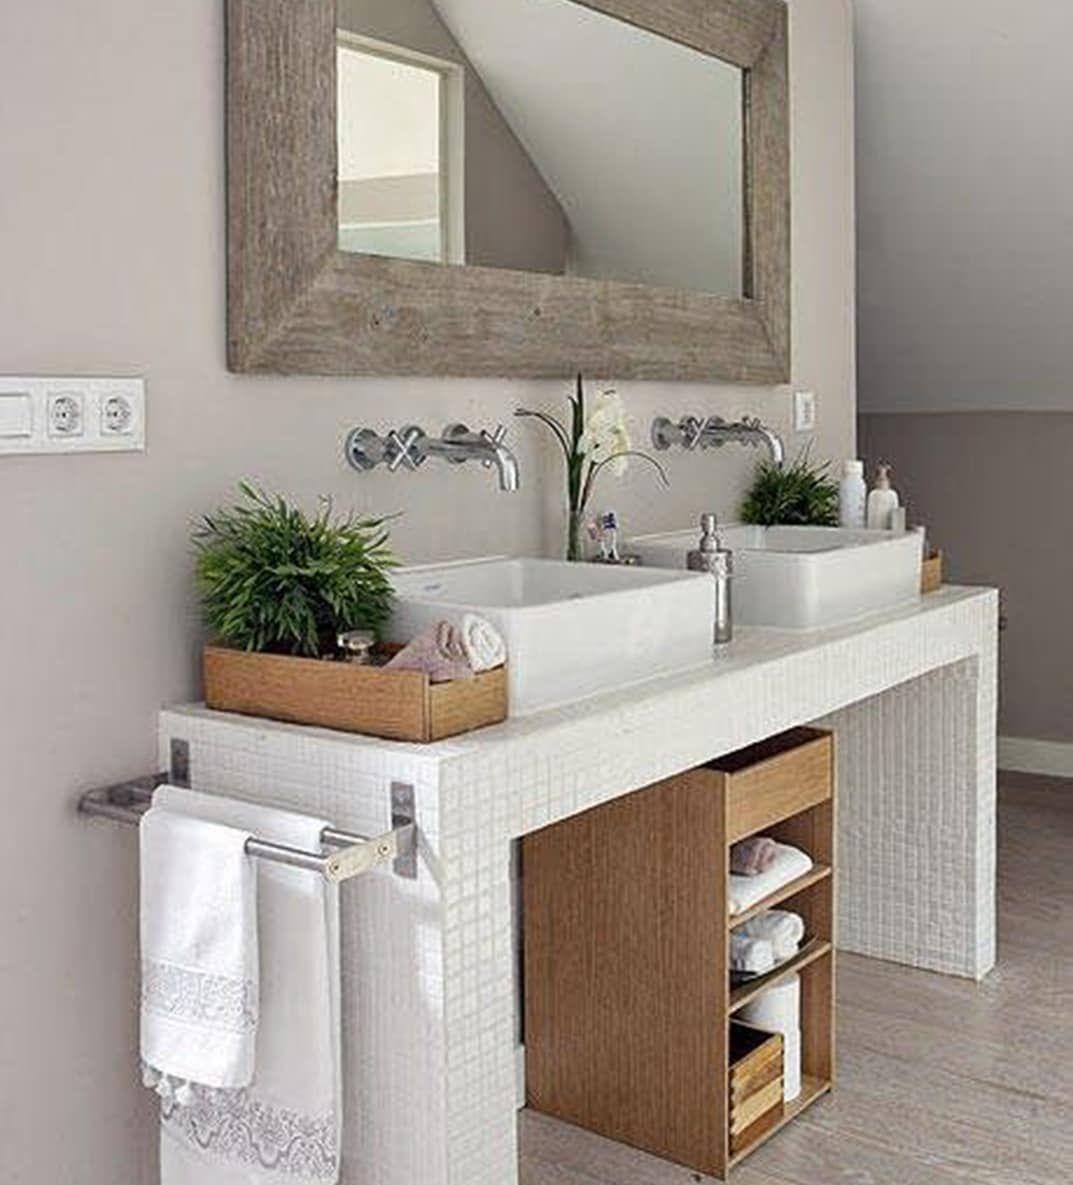 ORDEN NATURAL Los baños con detalles en madera natural ...